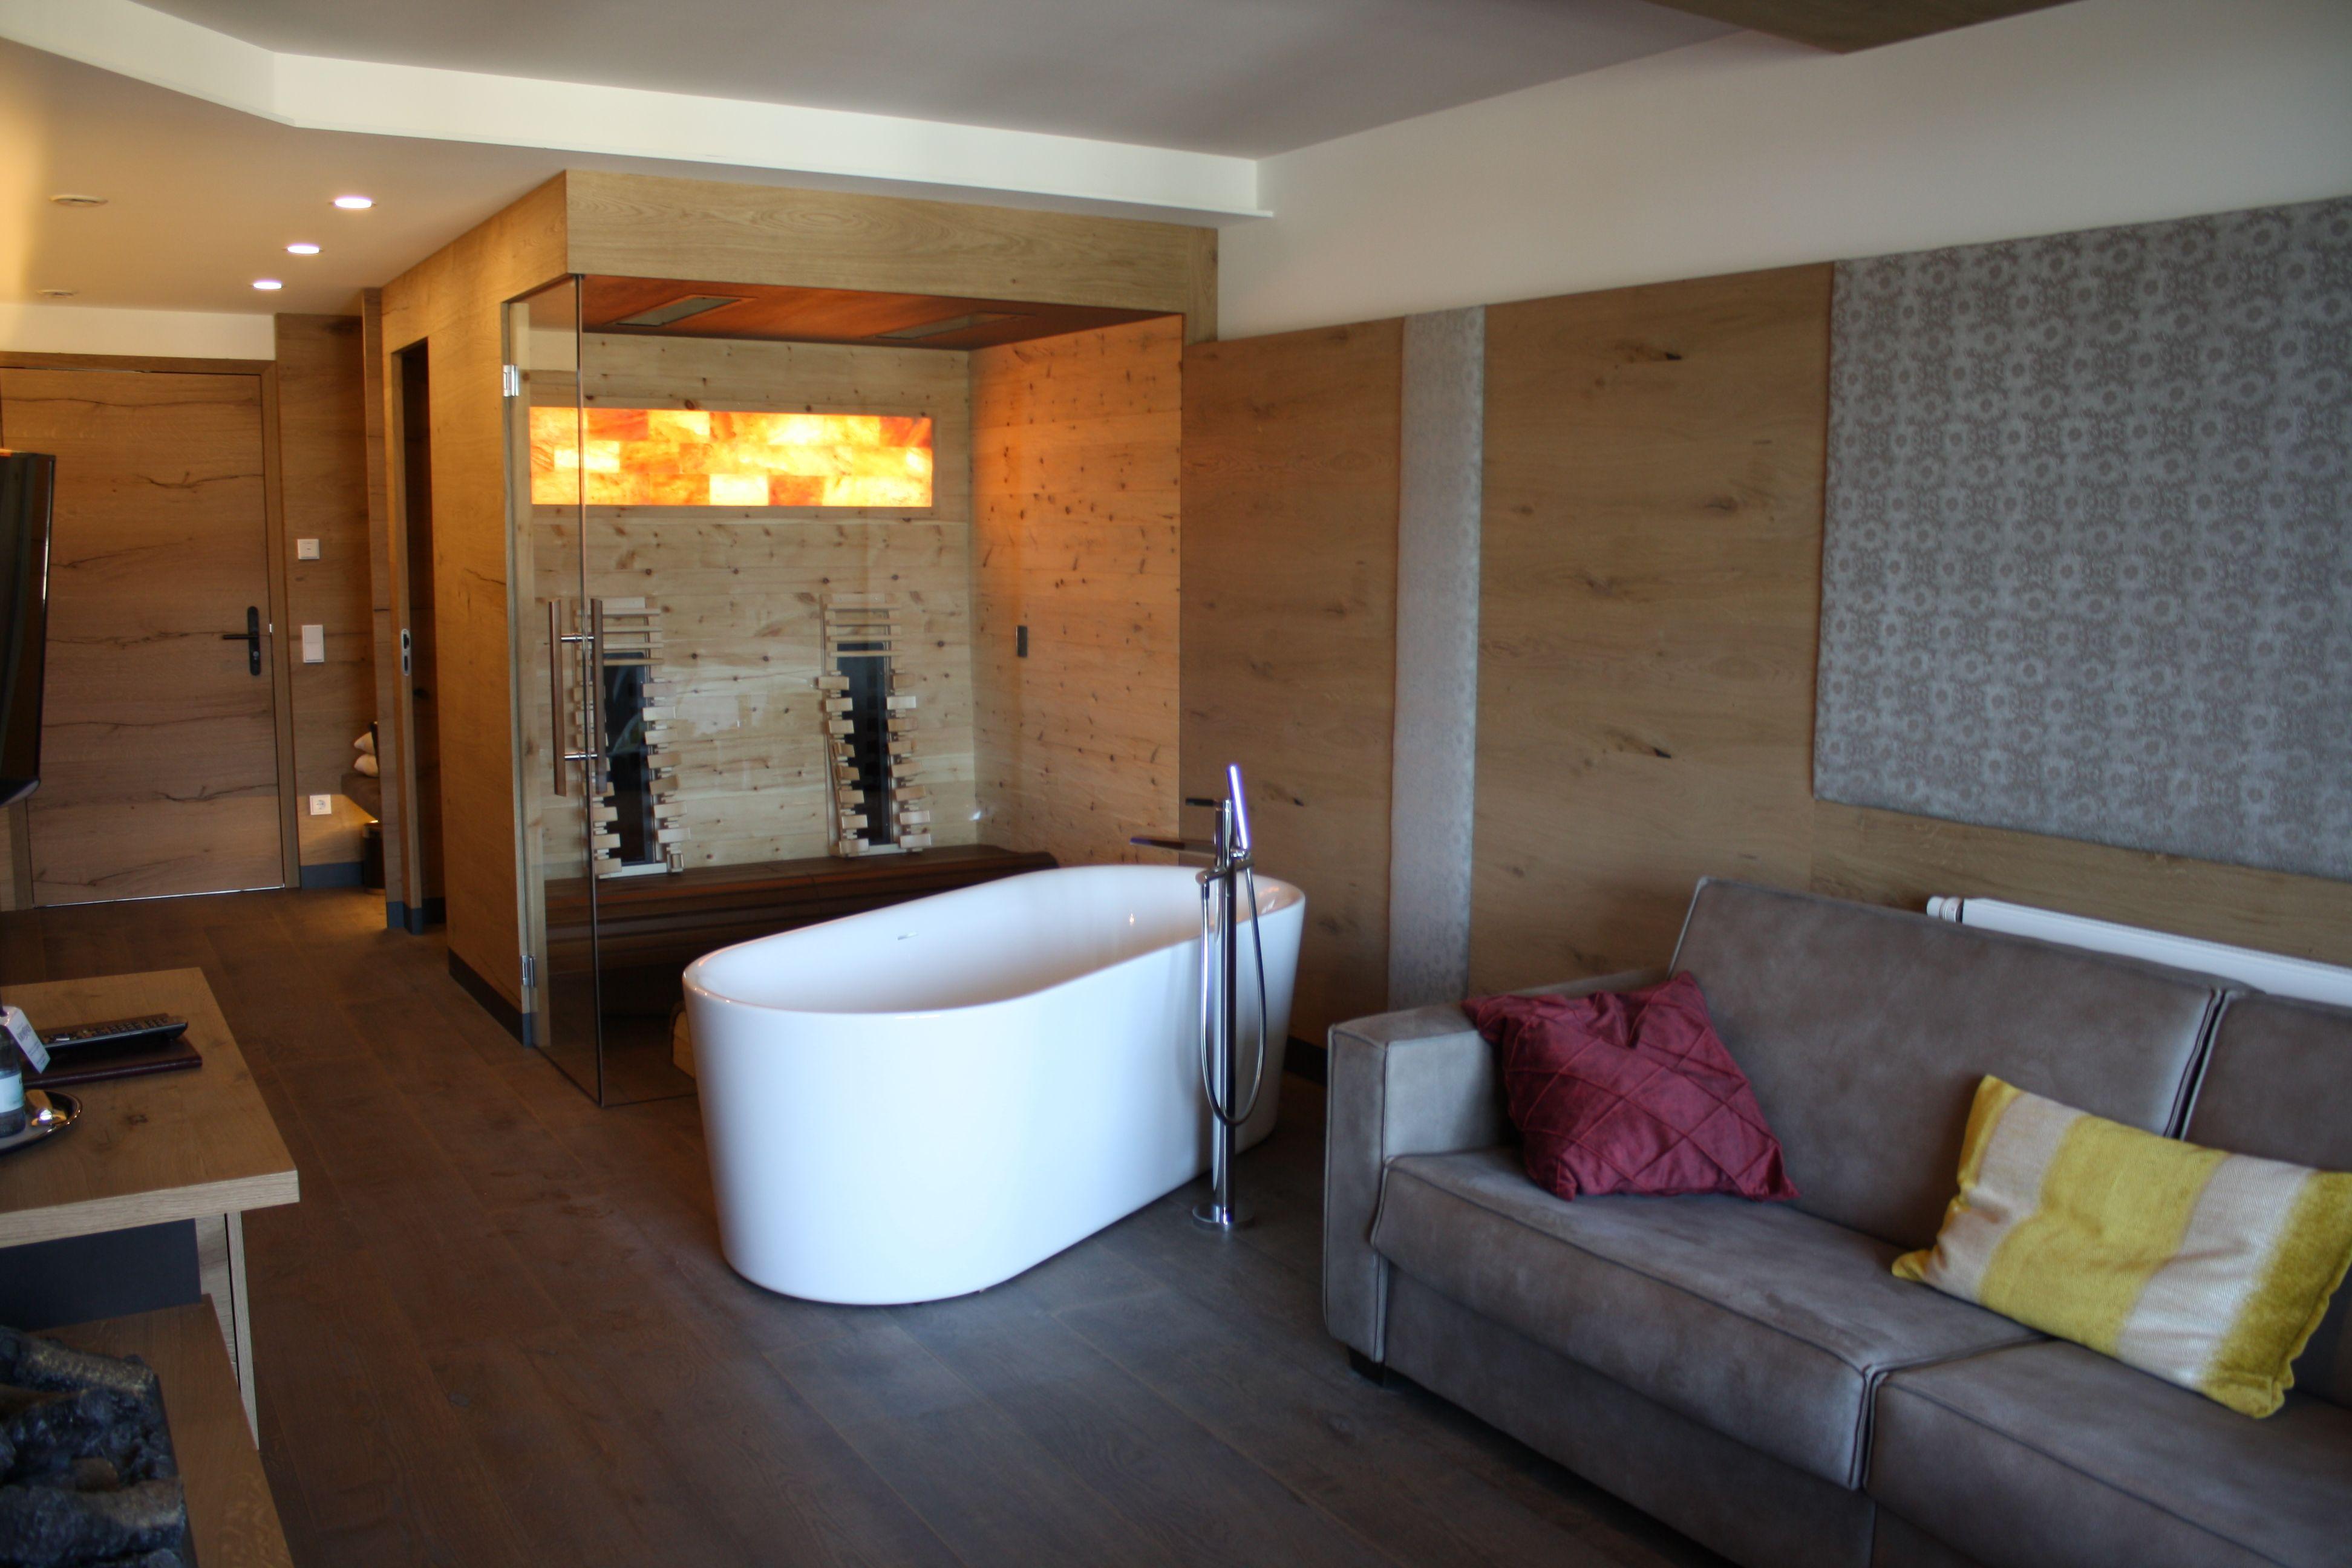 Salz Relax Suite Unser Luxurioses Zimmer Ist Mit Freistehender Badewanne Und Eigener Sauna Ein Traum Fur Jeden Gast Mit B Luxurioses Zimmer Relax Badewanne